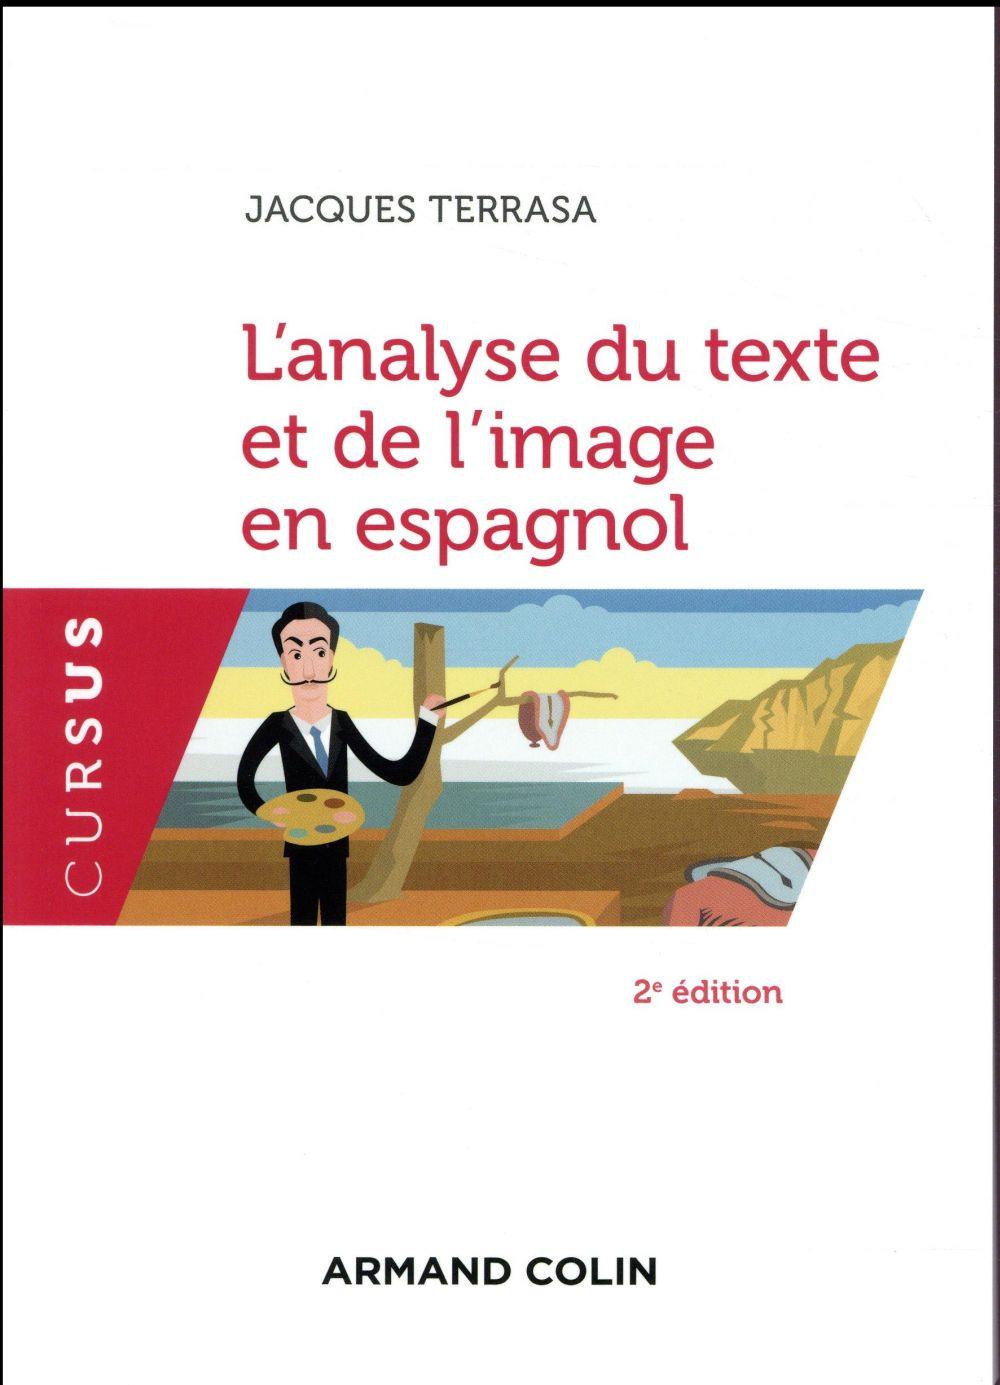 L'ANALYSE DU TEXTE ET DE L'IMAGE EN ESPAGNOL (2E EDITION)